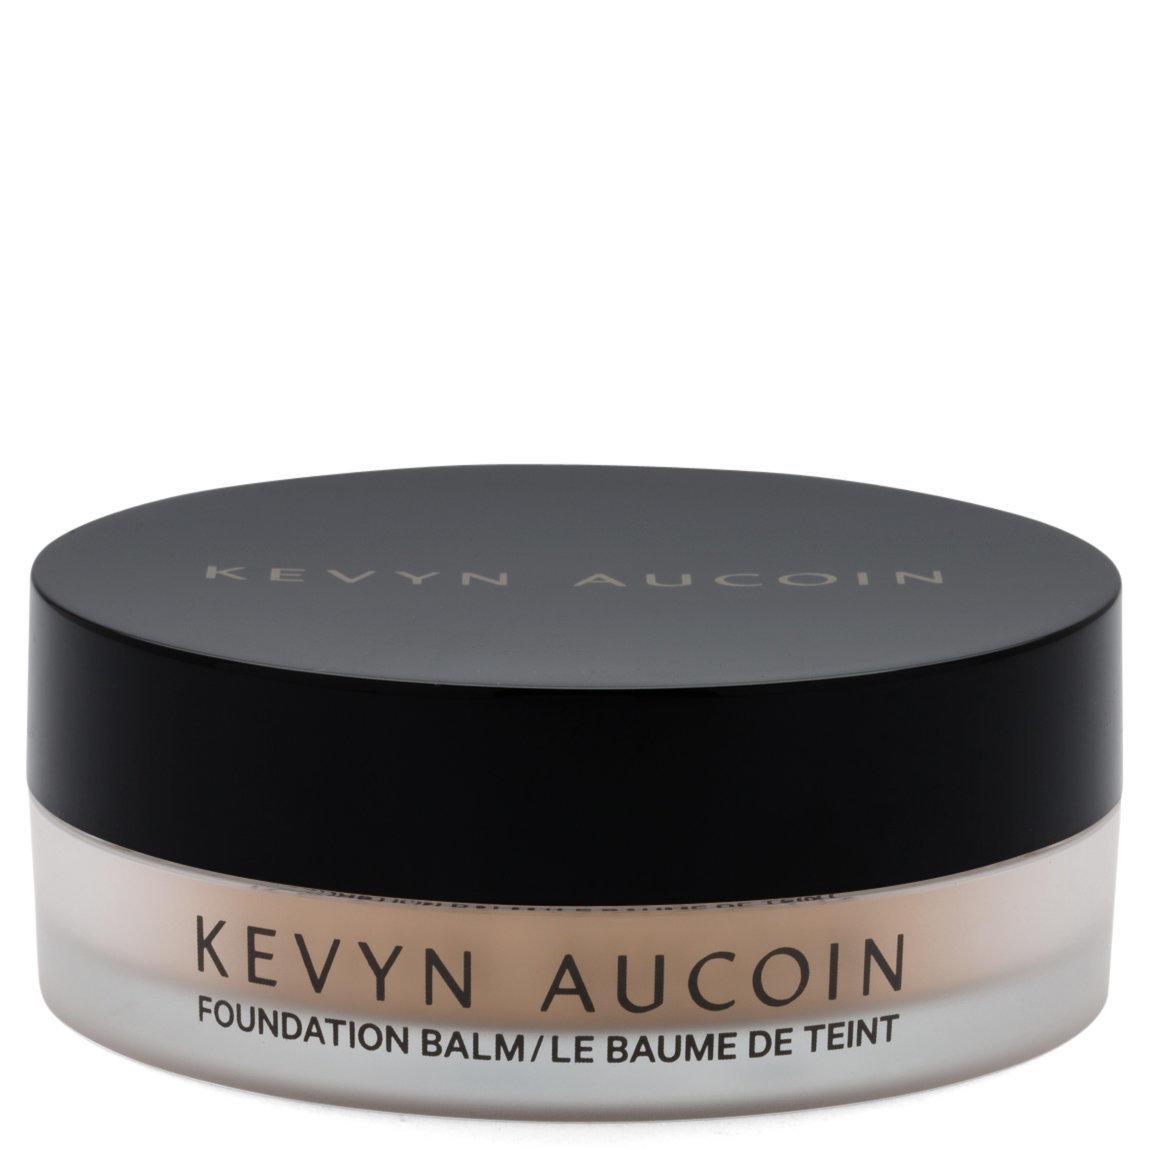 Kevyn Aucoin Foundation Balm Light FB02